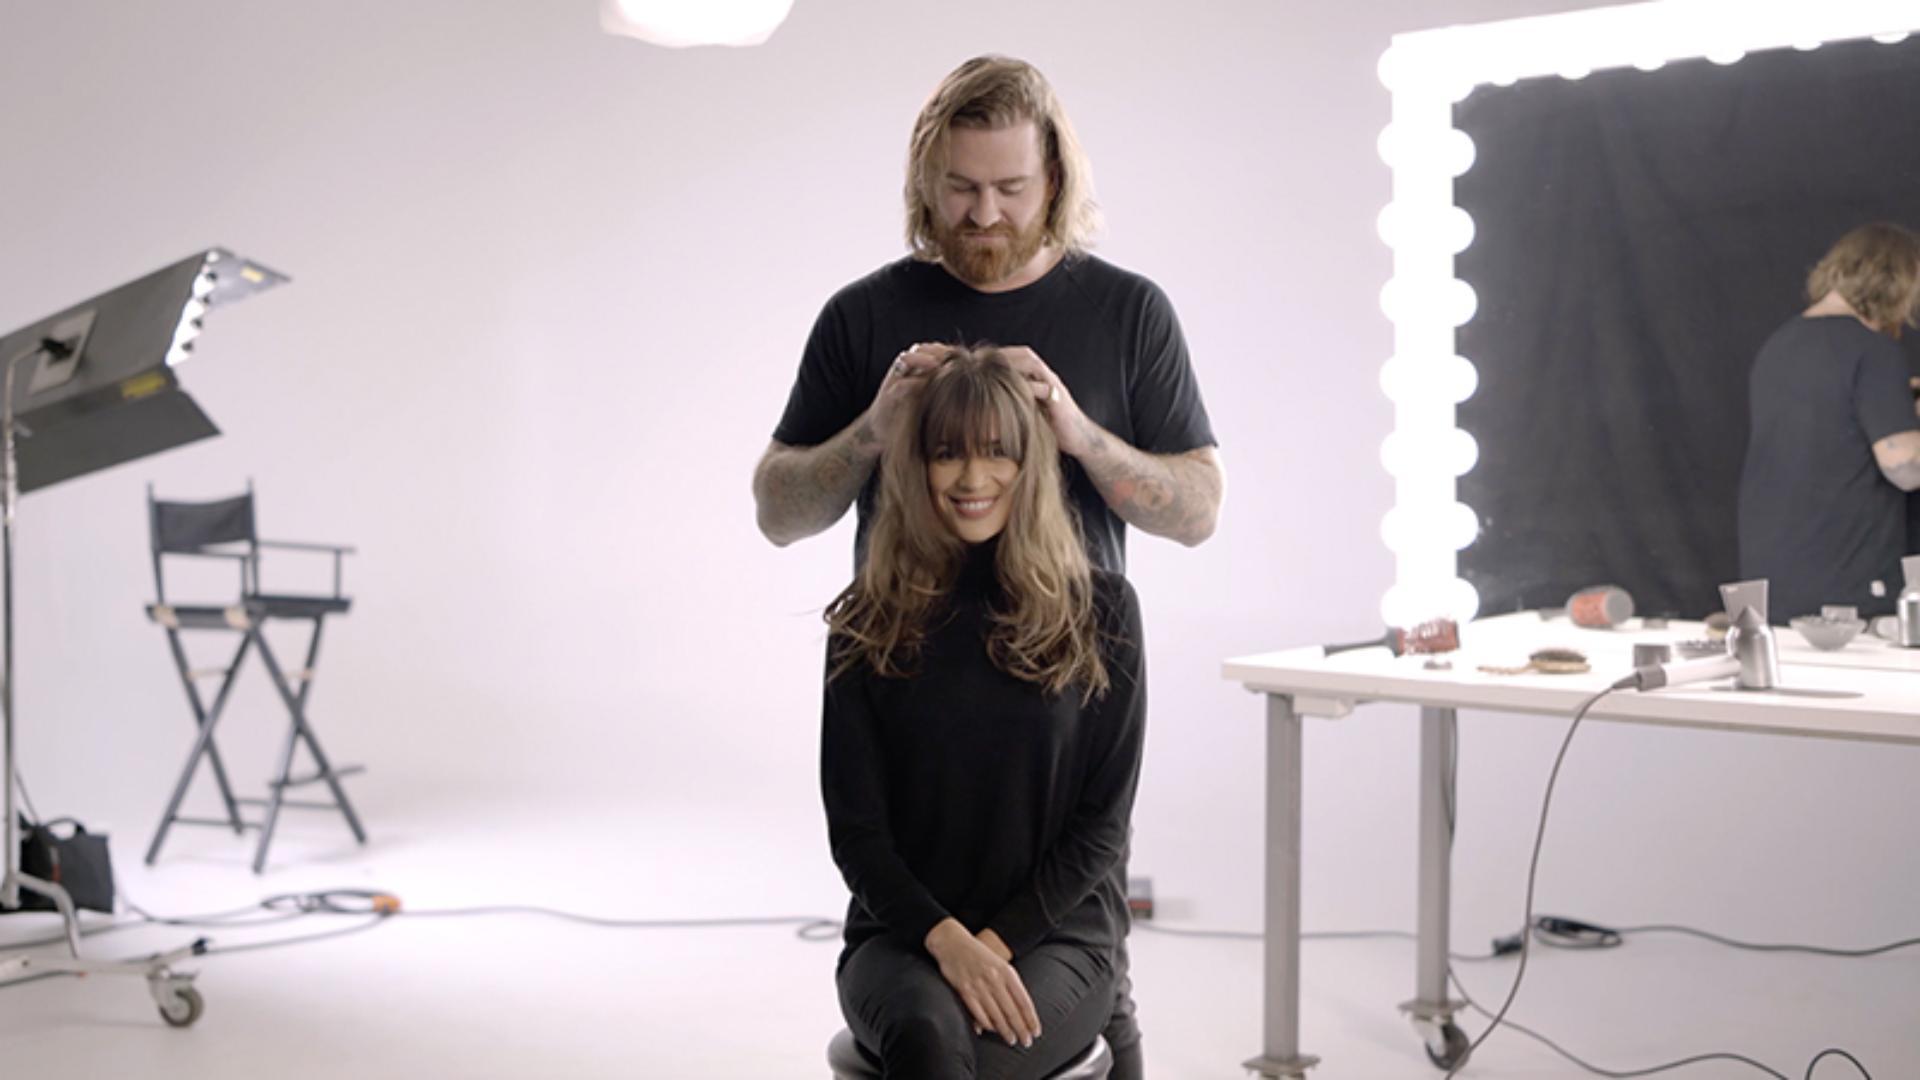 سيدة تُصفّف شعرها في إحدى صالونات التجميل